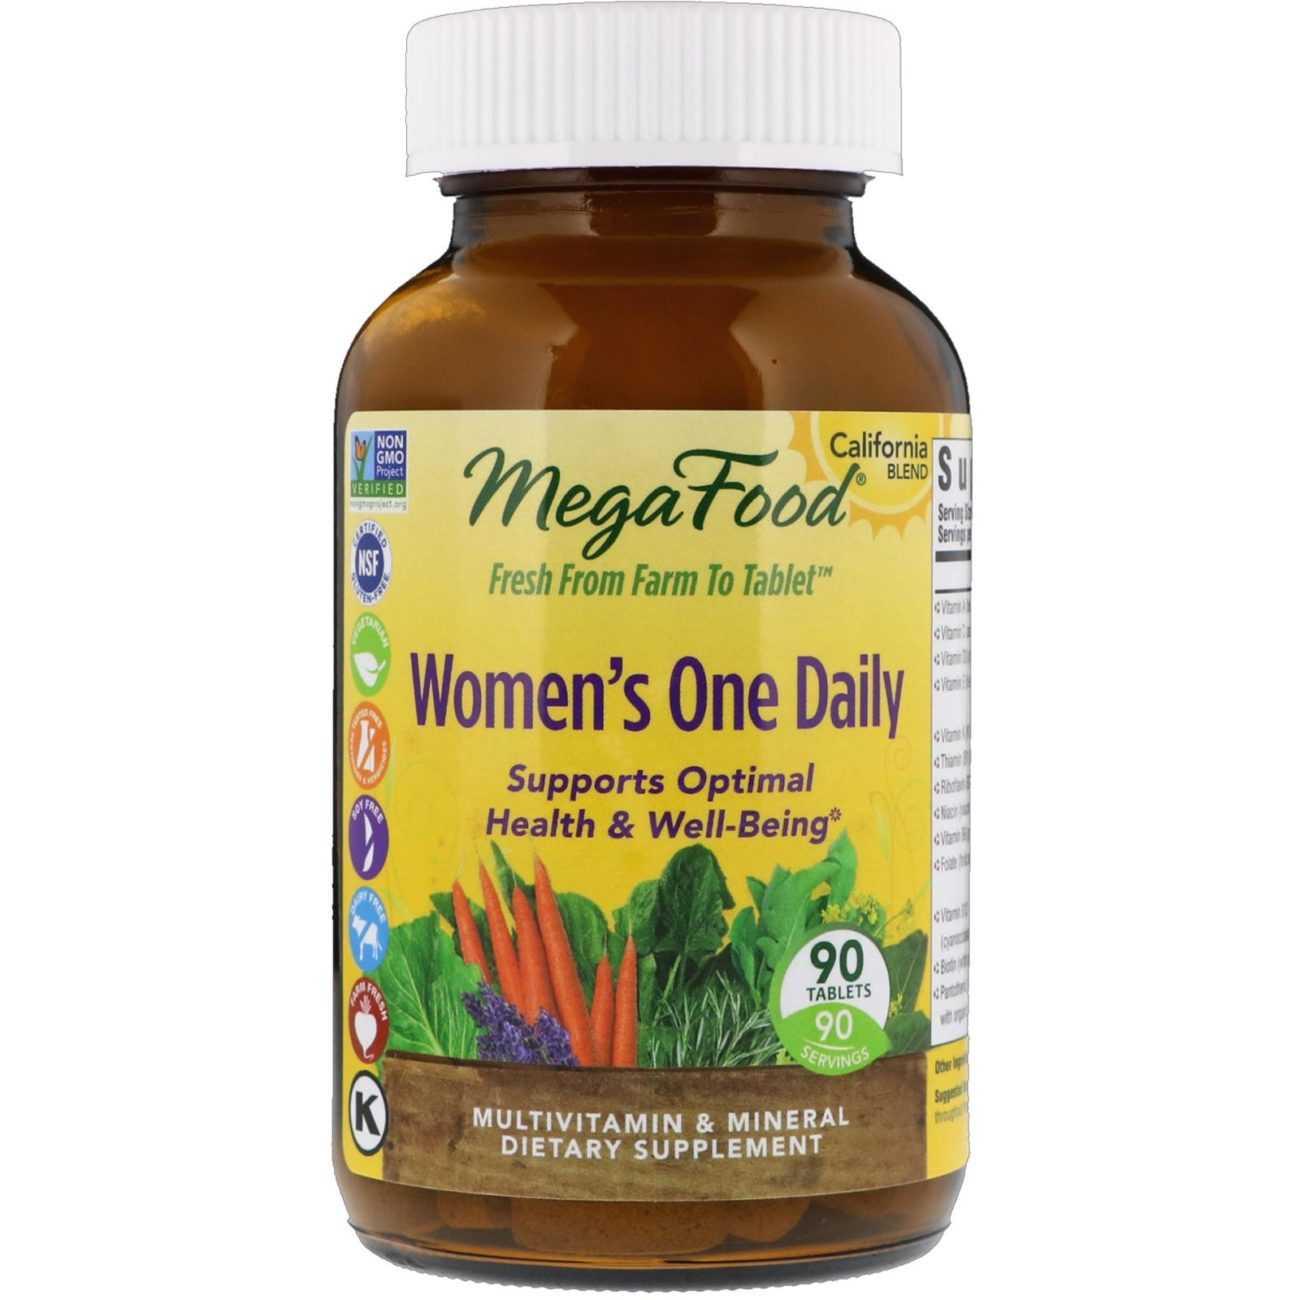 цельнопищевые комплексные витамины для женщин Мегафуд